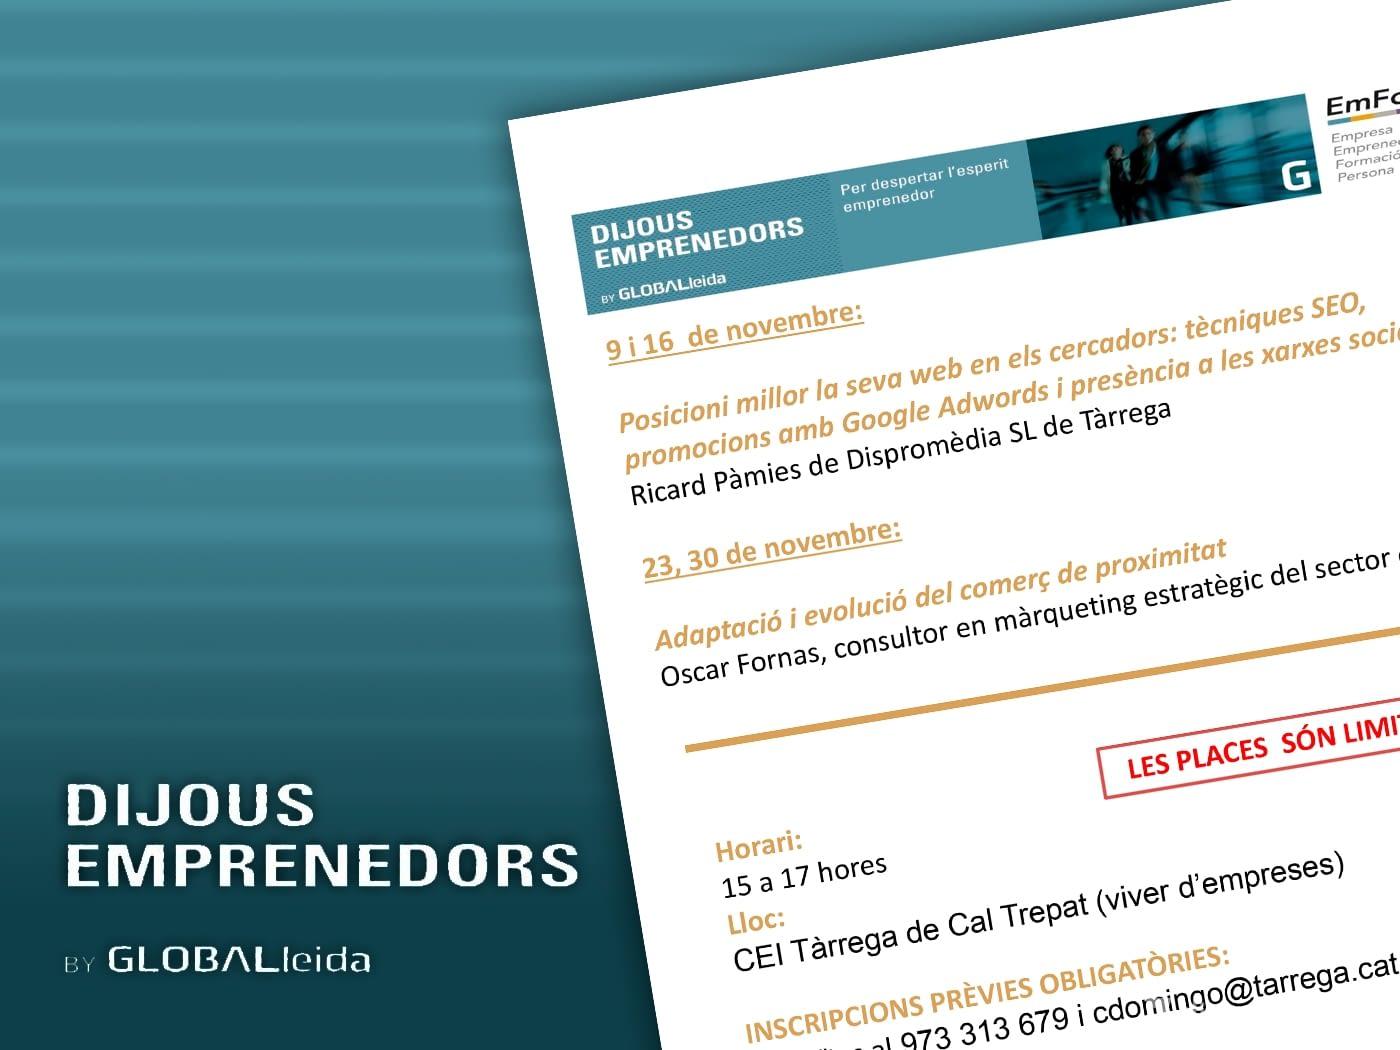 """Dispromèdia estarà present als """"Dijous Emprenedors"""" a CEI Tàrrega"""